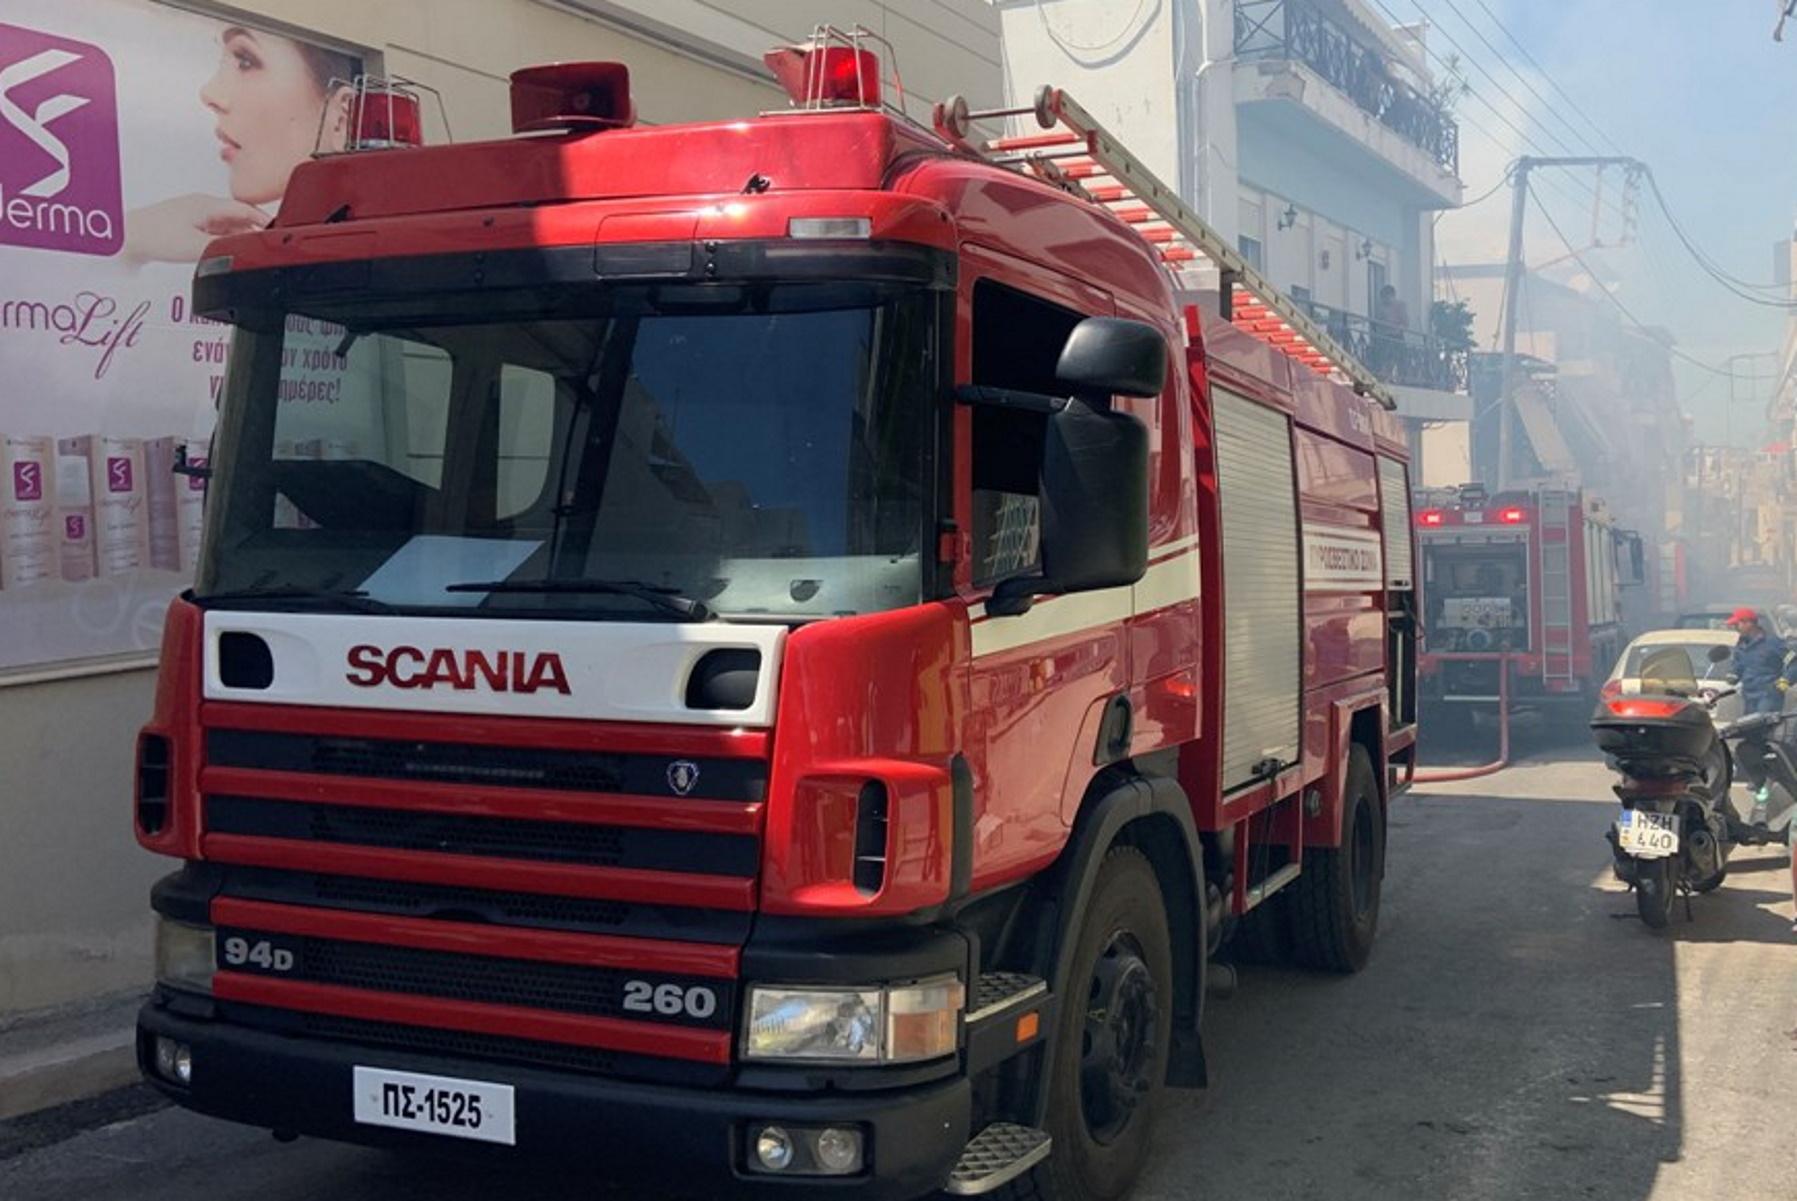 Κρήτη: Φωτιά σε πολυκατοικία – Σκηνές πανικού και ένας 78χρονος στο νοσοκομείο (pics)